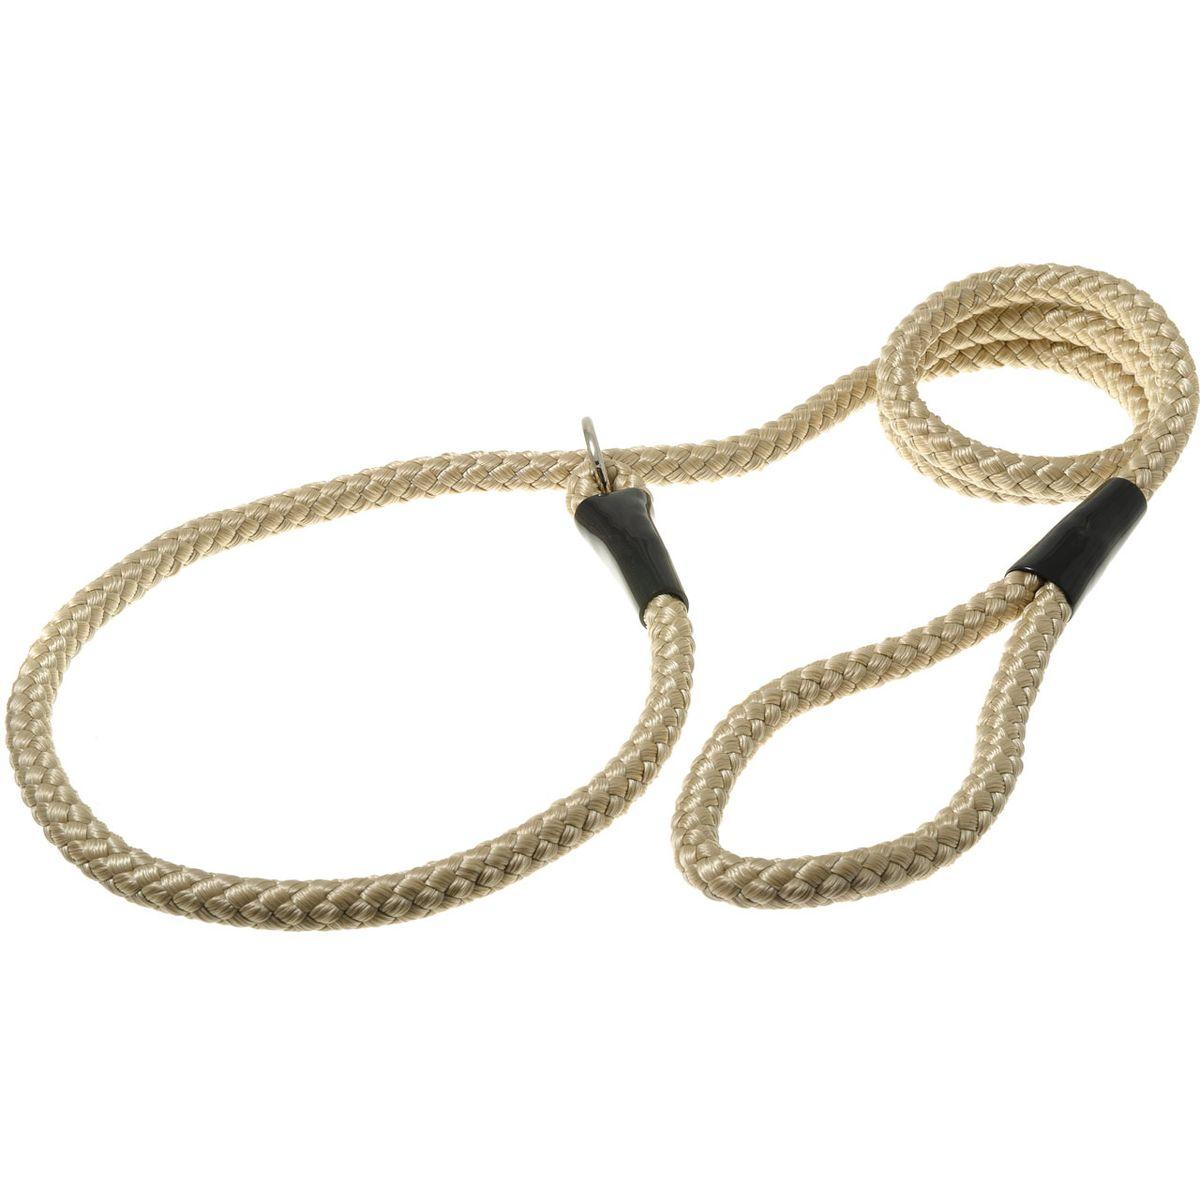 Поводок-удавка для собак V.I.Pet Нейлоновый канат, цвет: кэмел, ширина 12 мм, длина 170 см